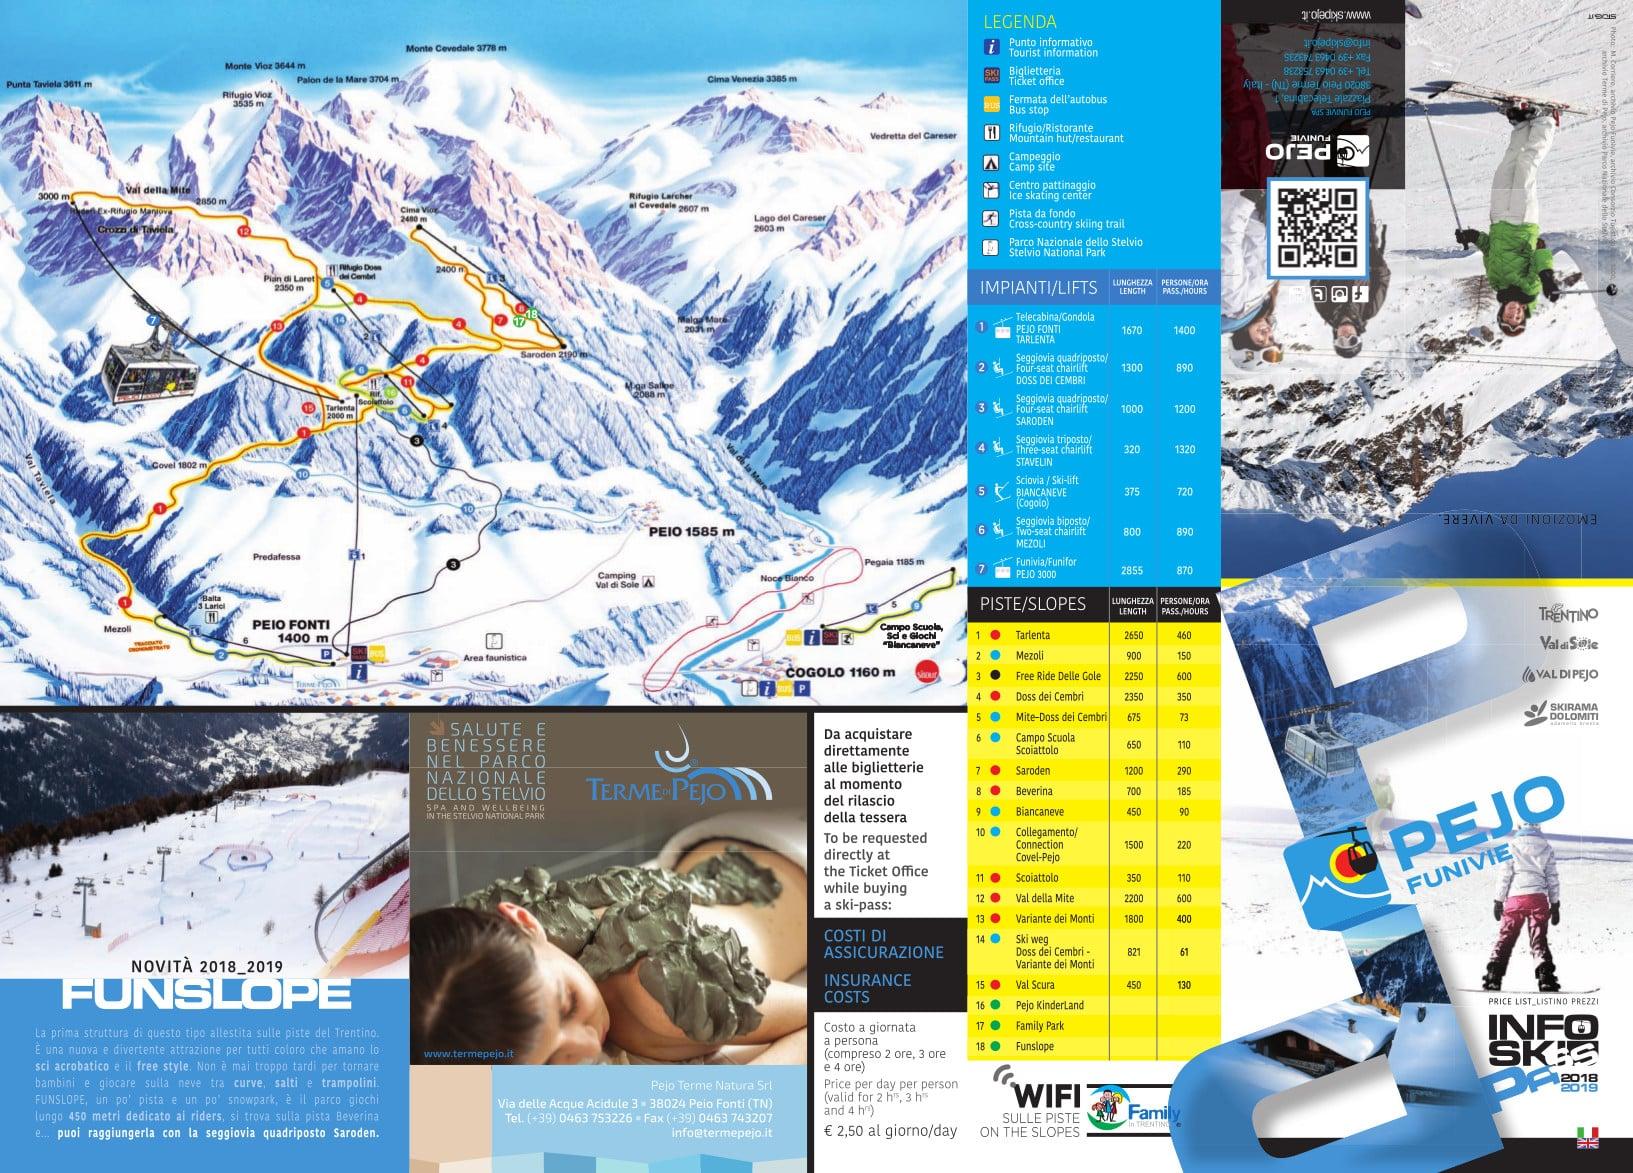 Pejo Piste / Trail Map